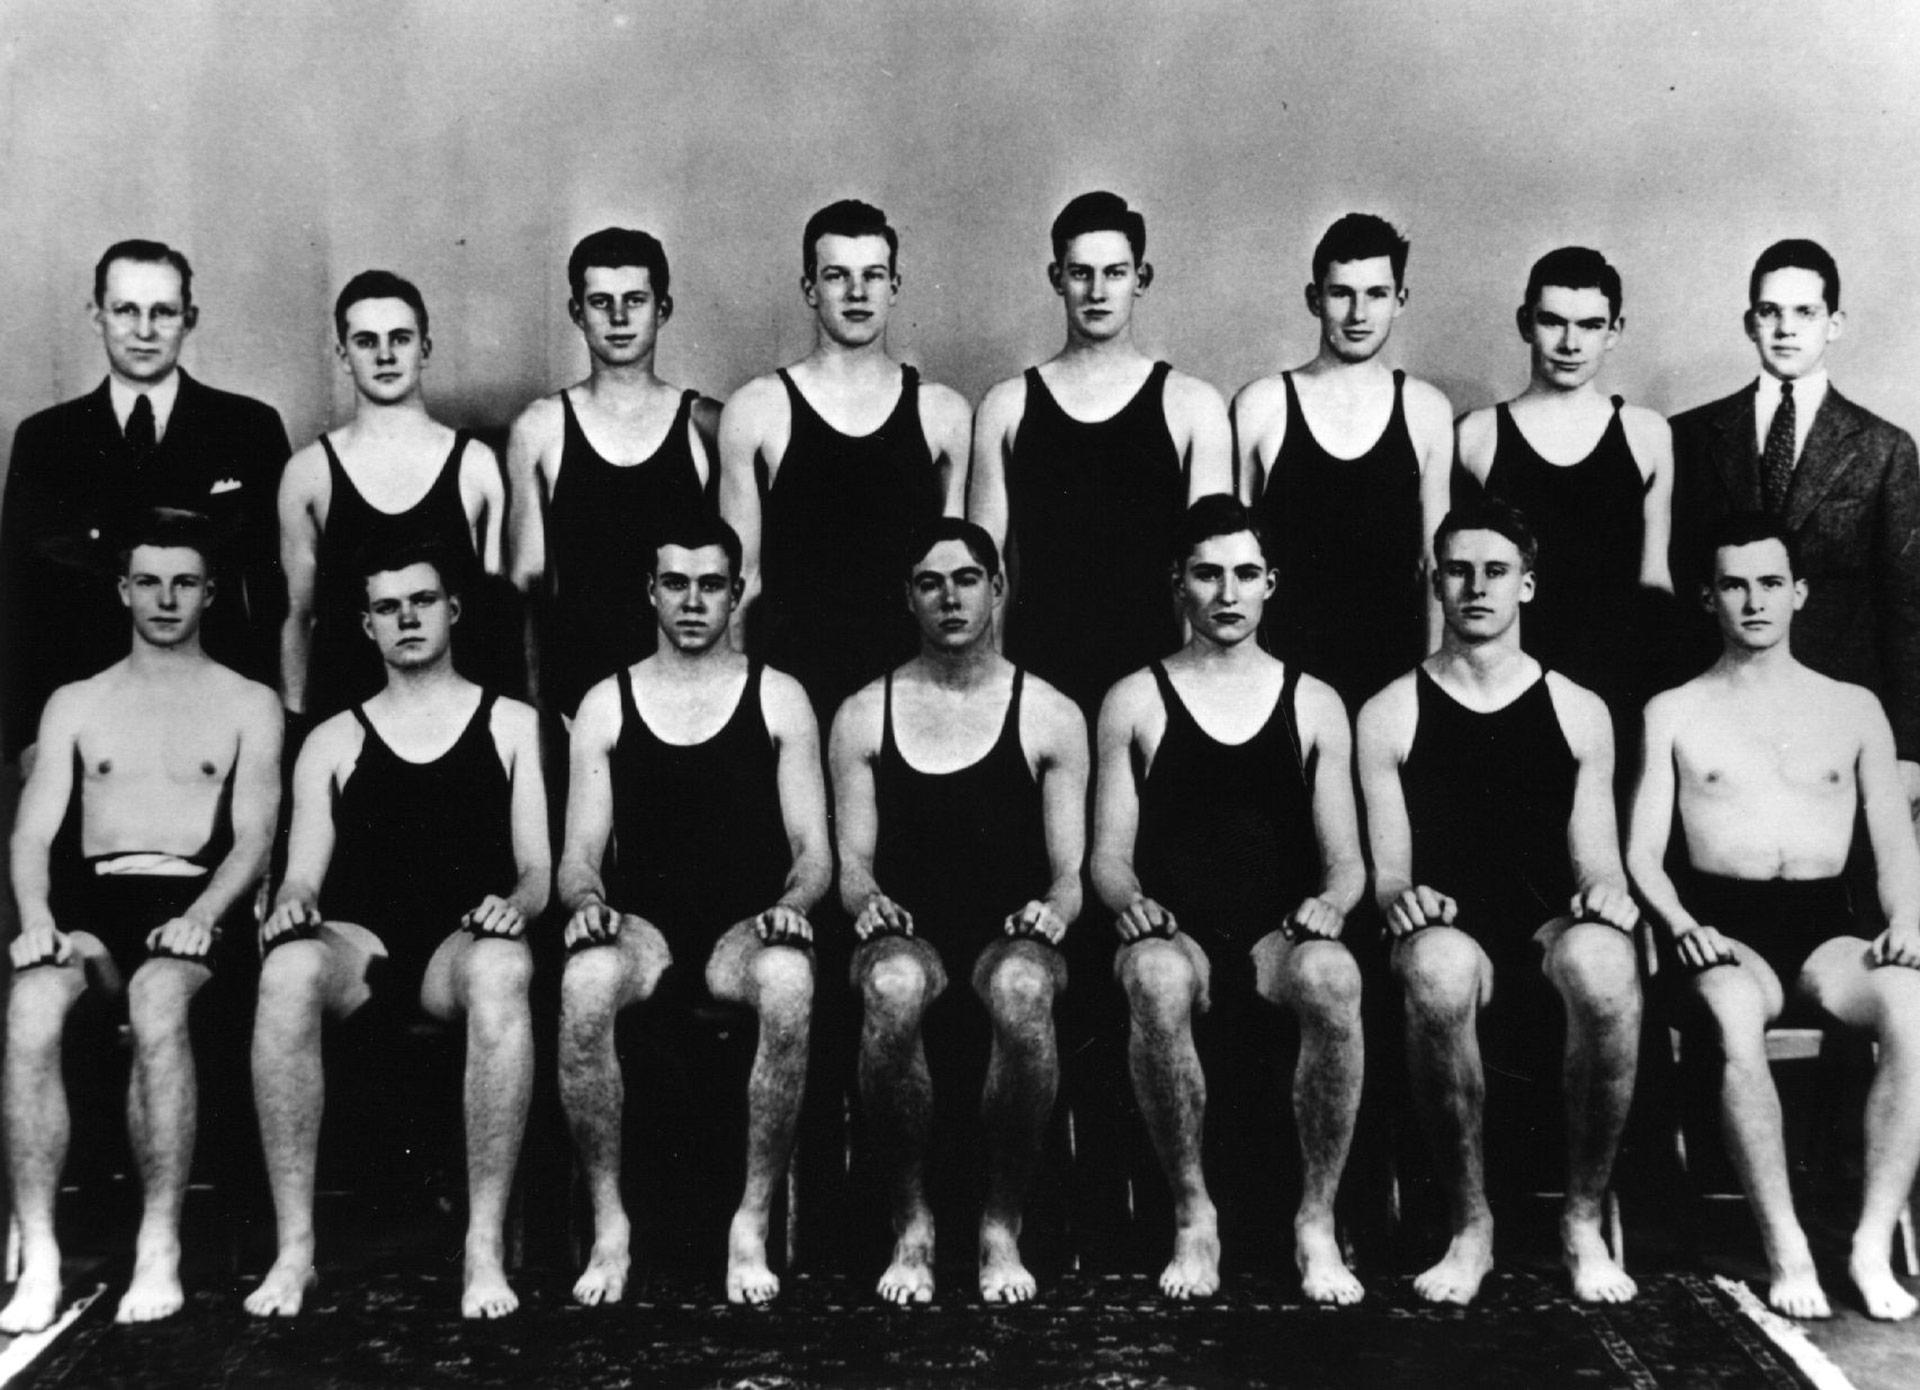 En 1935 junto al equipo de natación de la Universidad de Harvard, donde se graduó con honores. Kennedy es el tercero en la segunda fila (Keystone/Getty Images)